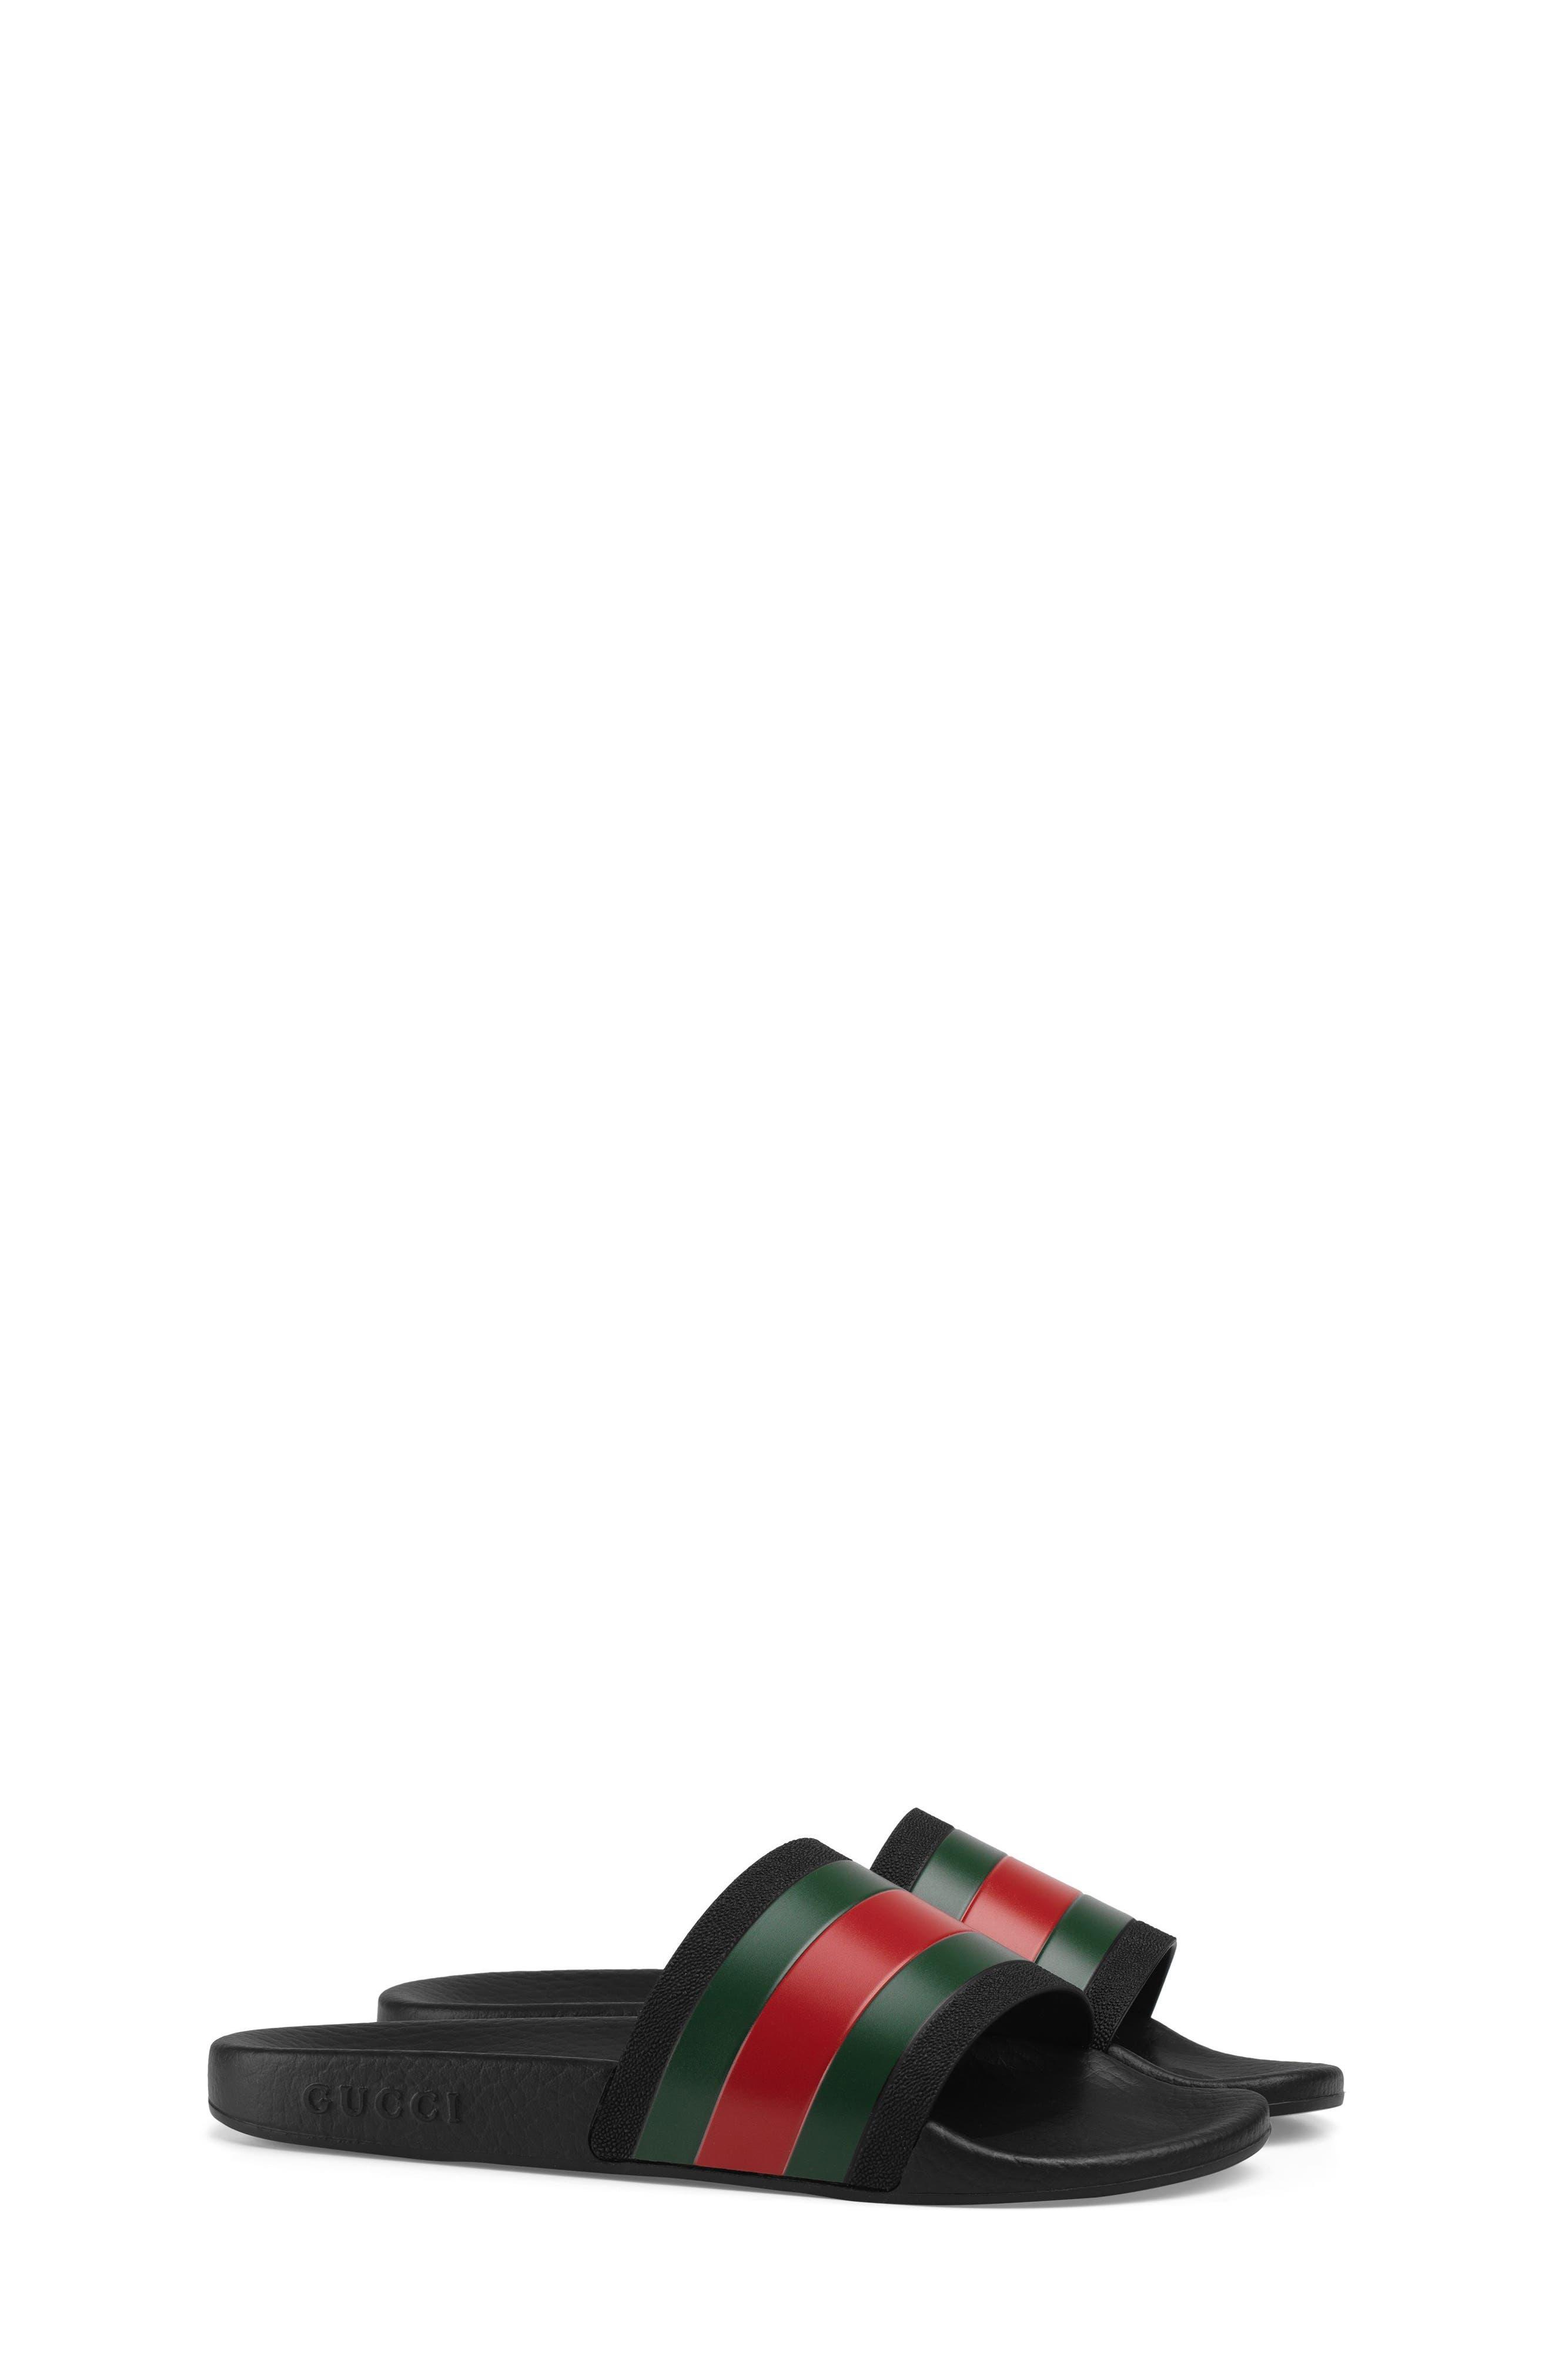 GUCCI, Pursuit Slide Sandal, Main thumbnail 1, color, 001